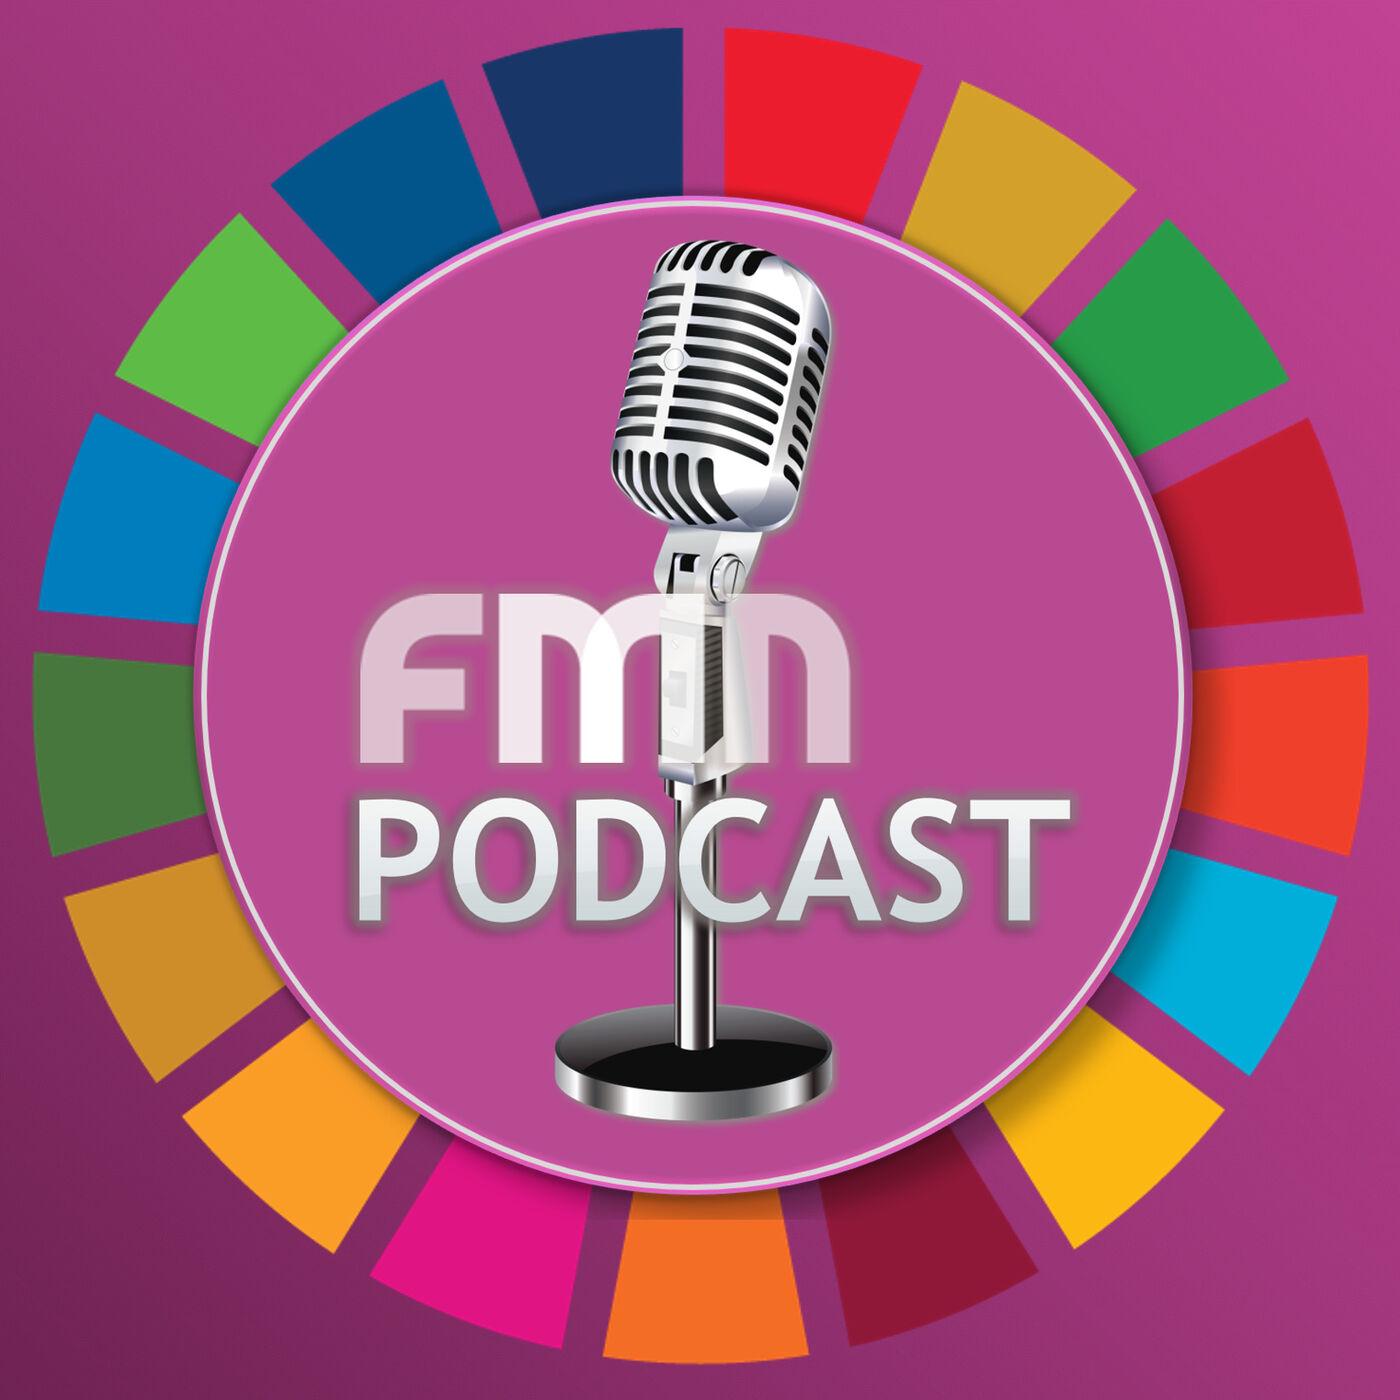 Doe eens duurzaam! #7: SDG 6 - De rol van FM bij schoon water en sanitair: bewustwording en een duurzame keten